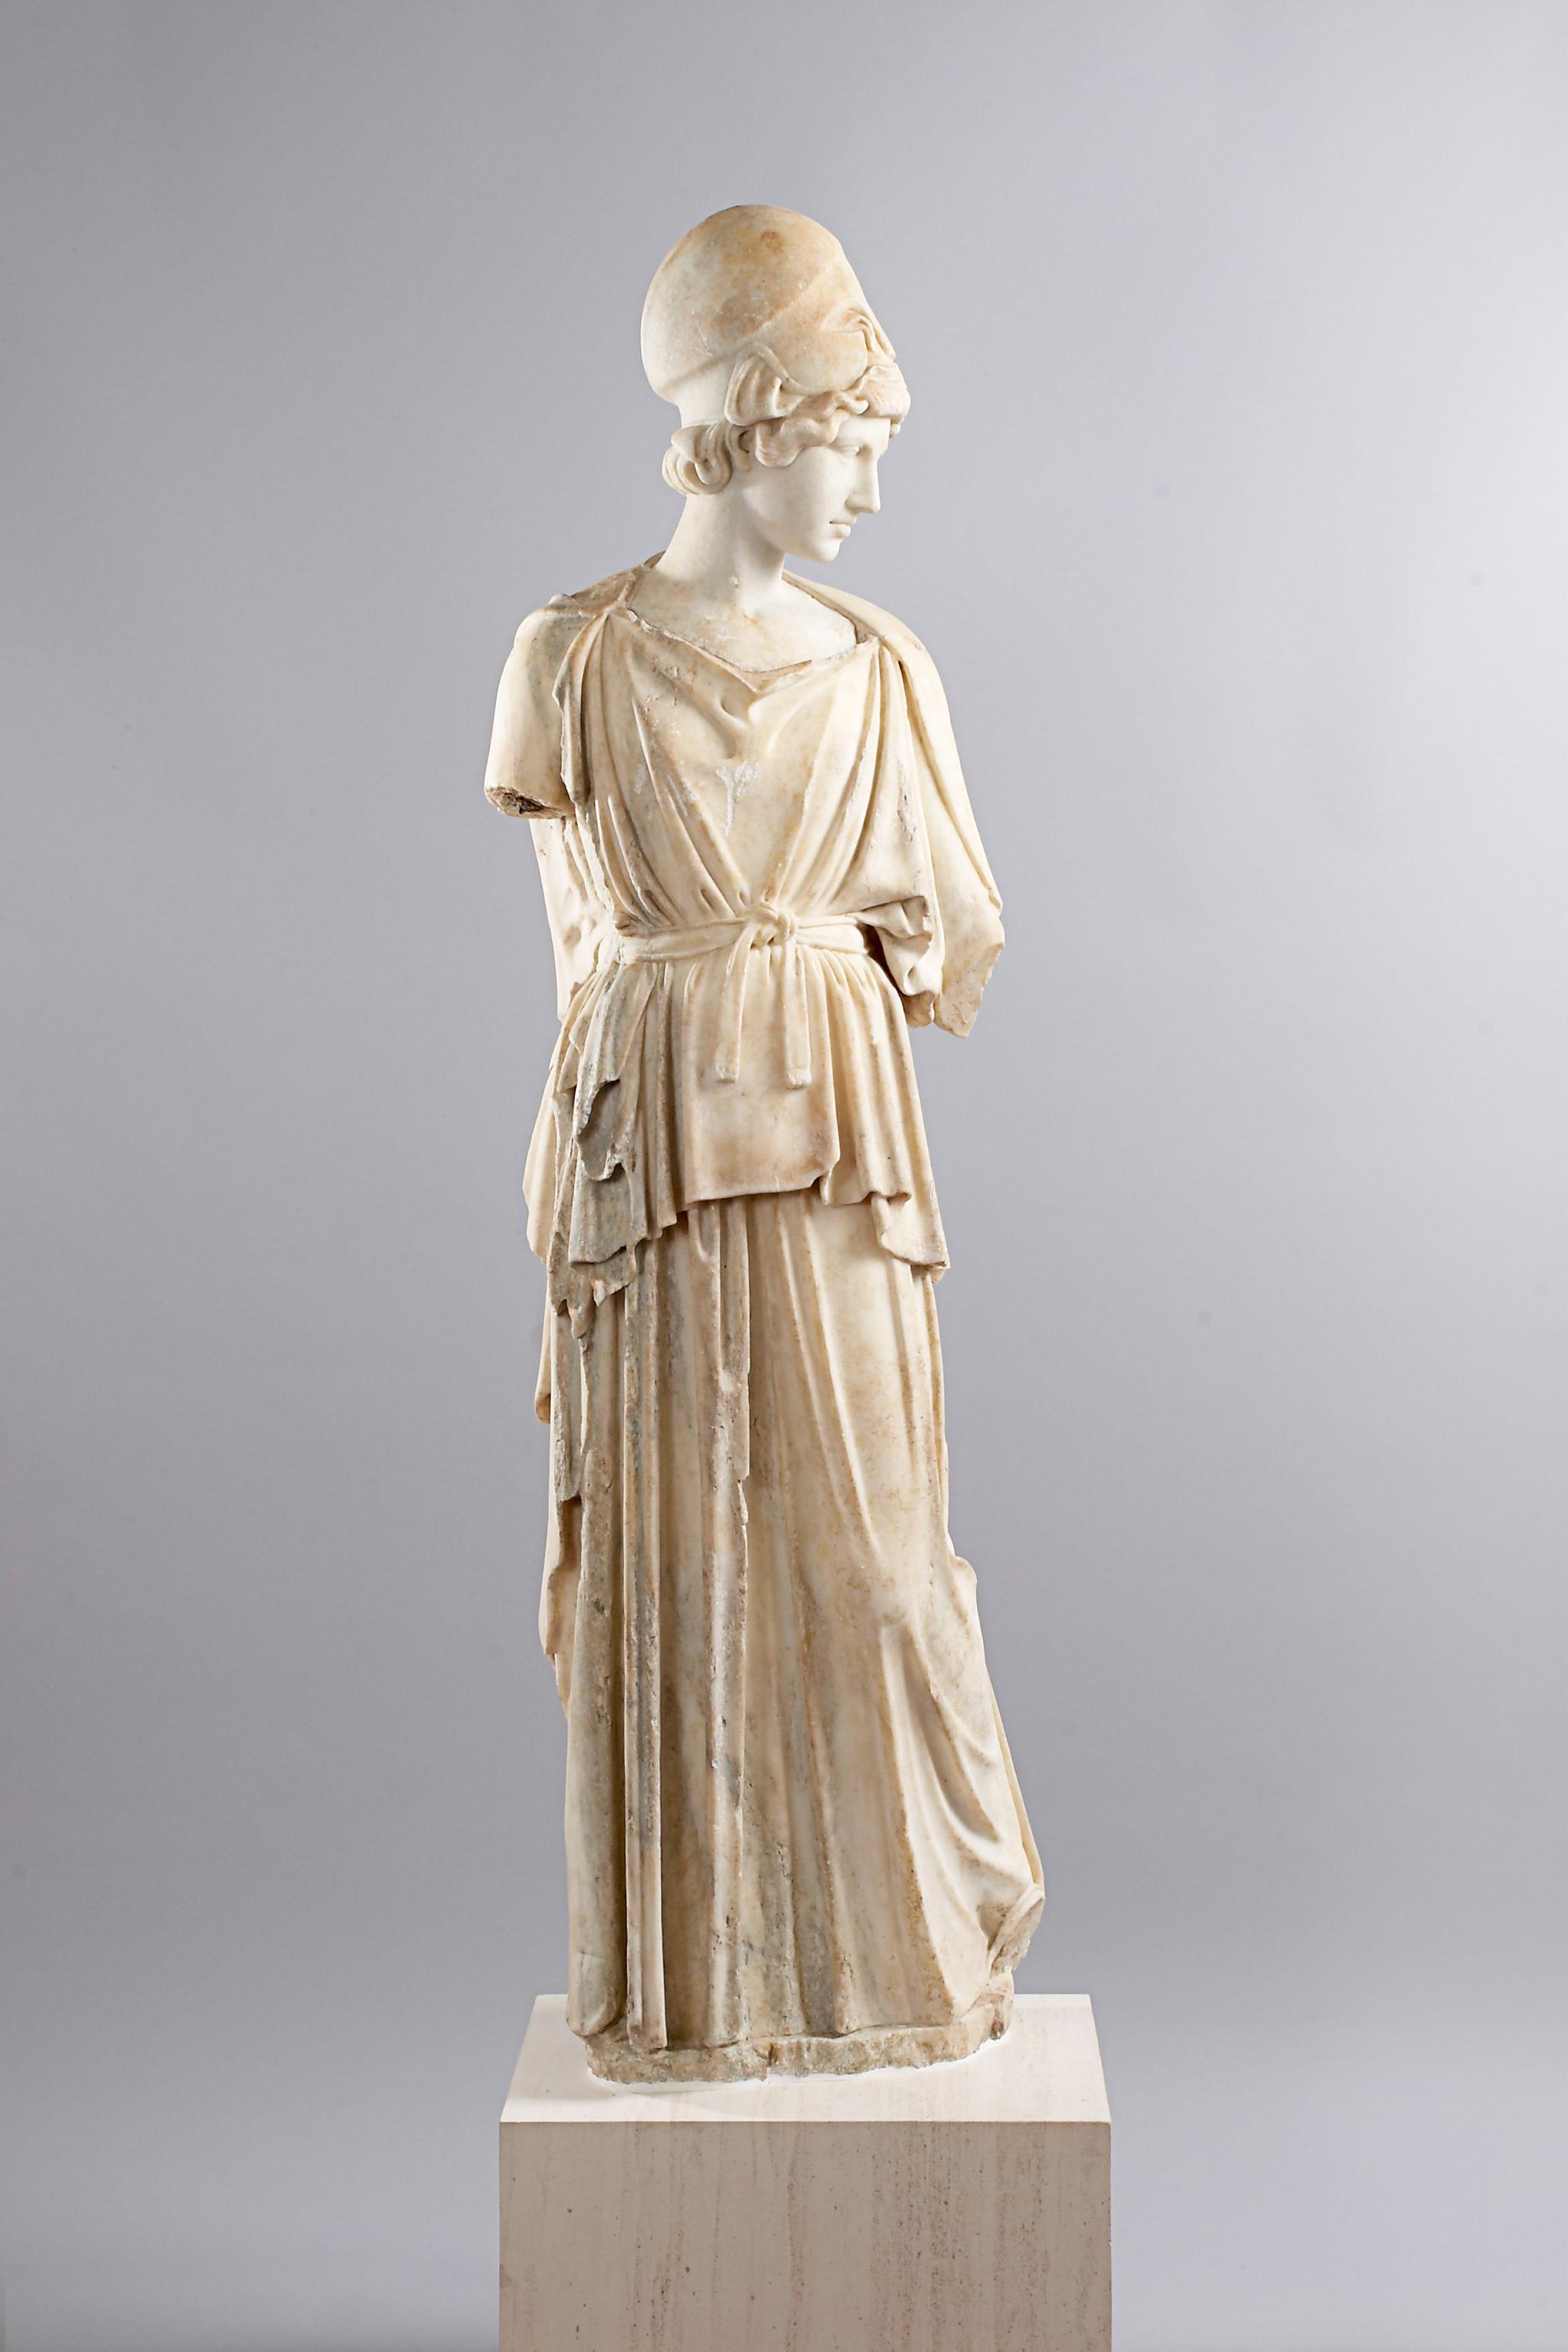 Myron's Athena